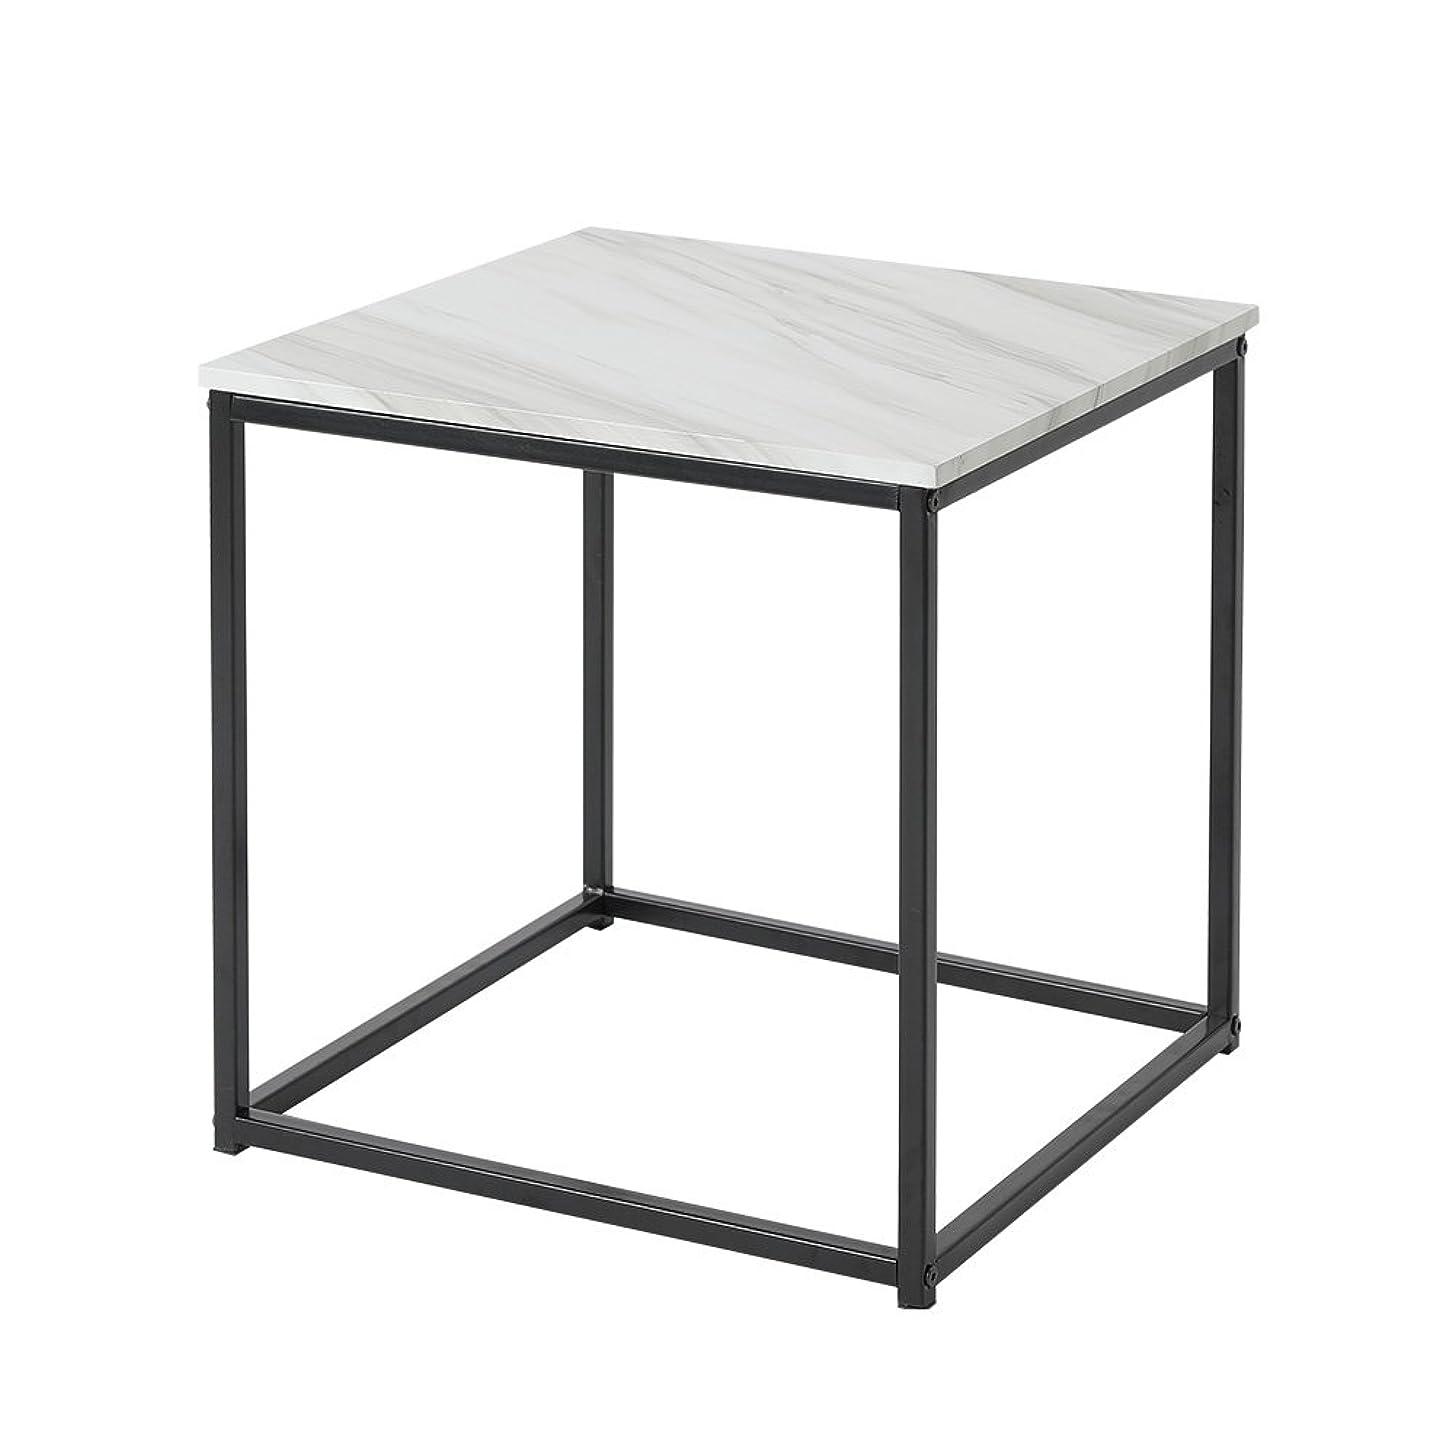 準備するせっかちチキンルームアンドホーム テーブル キューブ ノルディック マーブルブラック 46×46×46cm